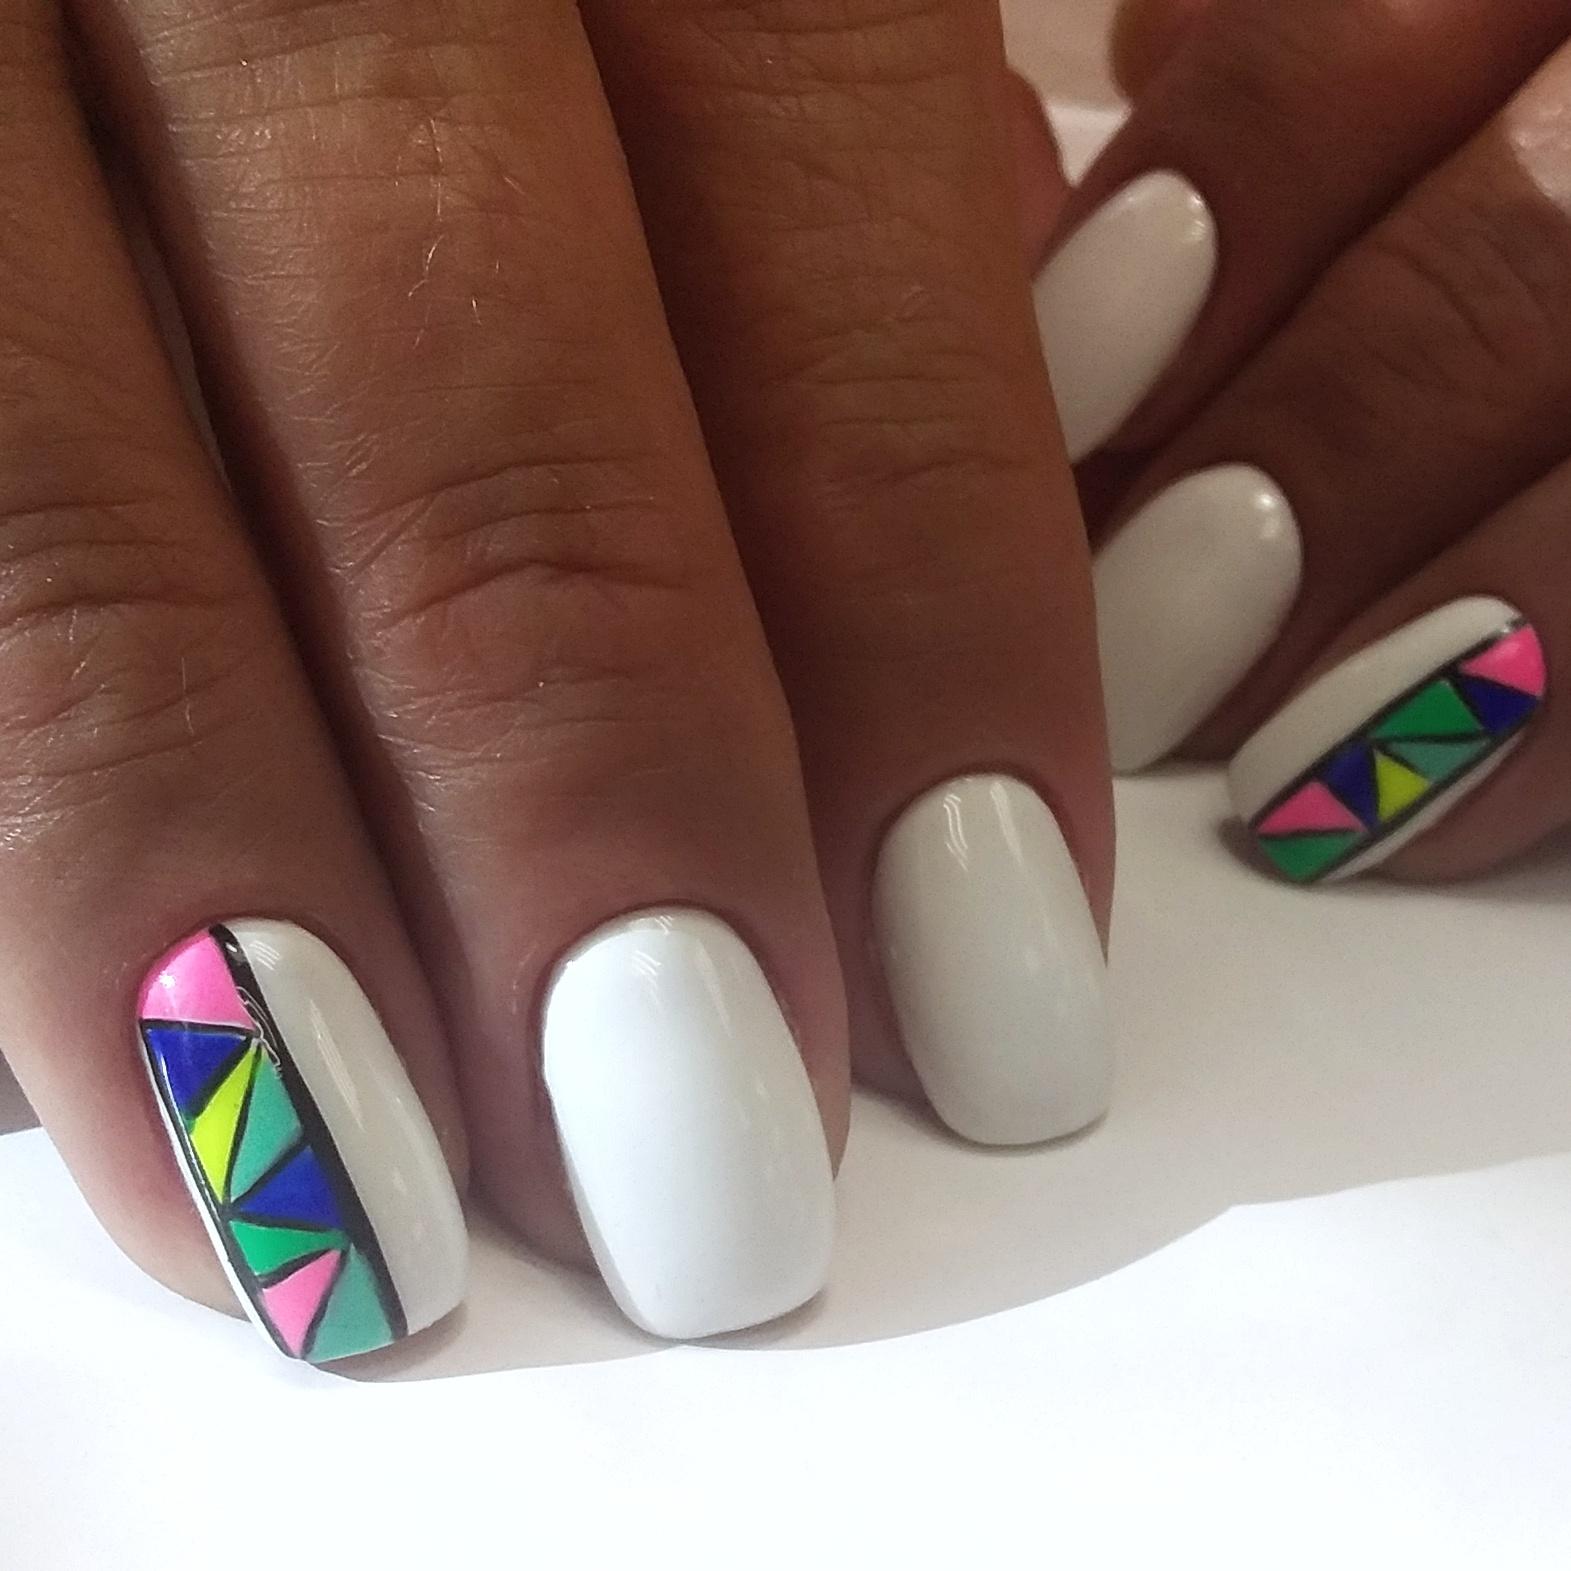 Маникюр в белом цвете с цветным геометрическим рисунком.